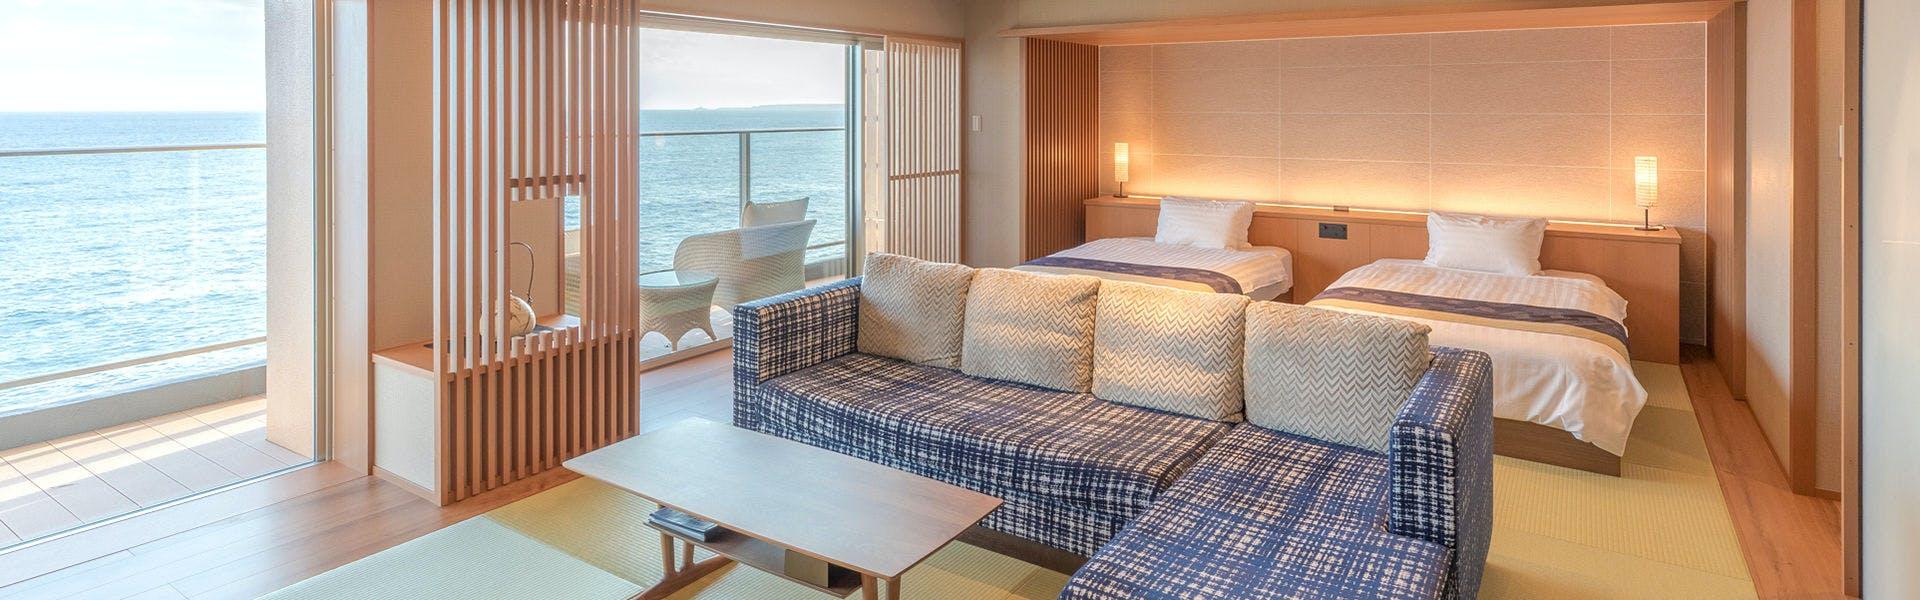 記念日におすすめのホテル・海一望絶景の宿 いなとり荘の写真2